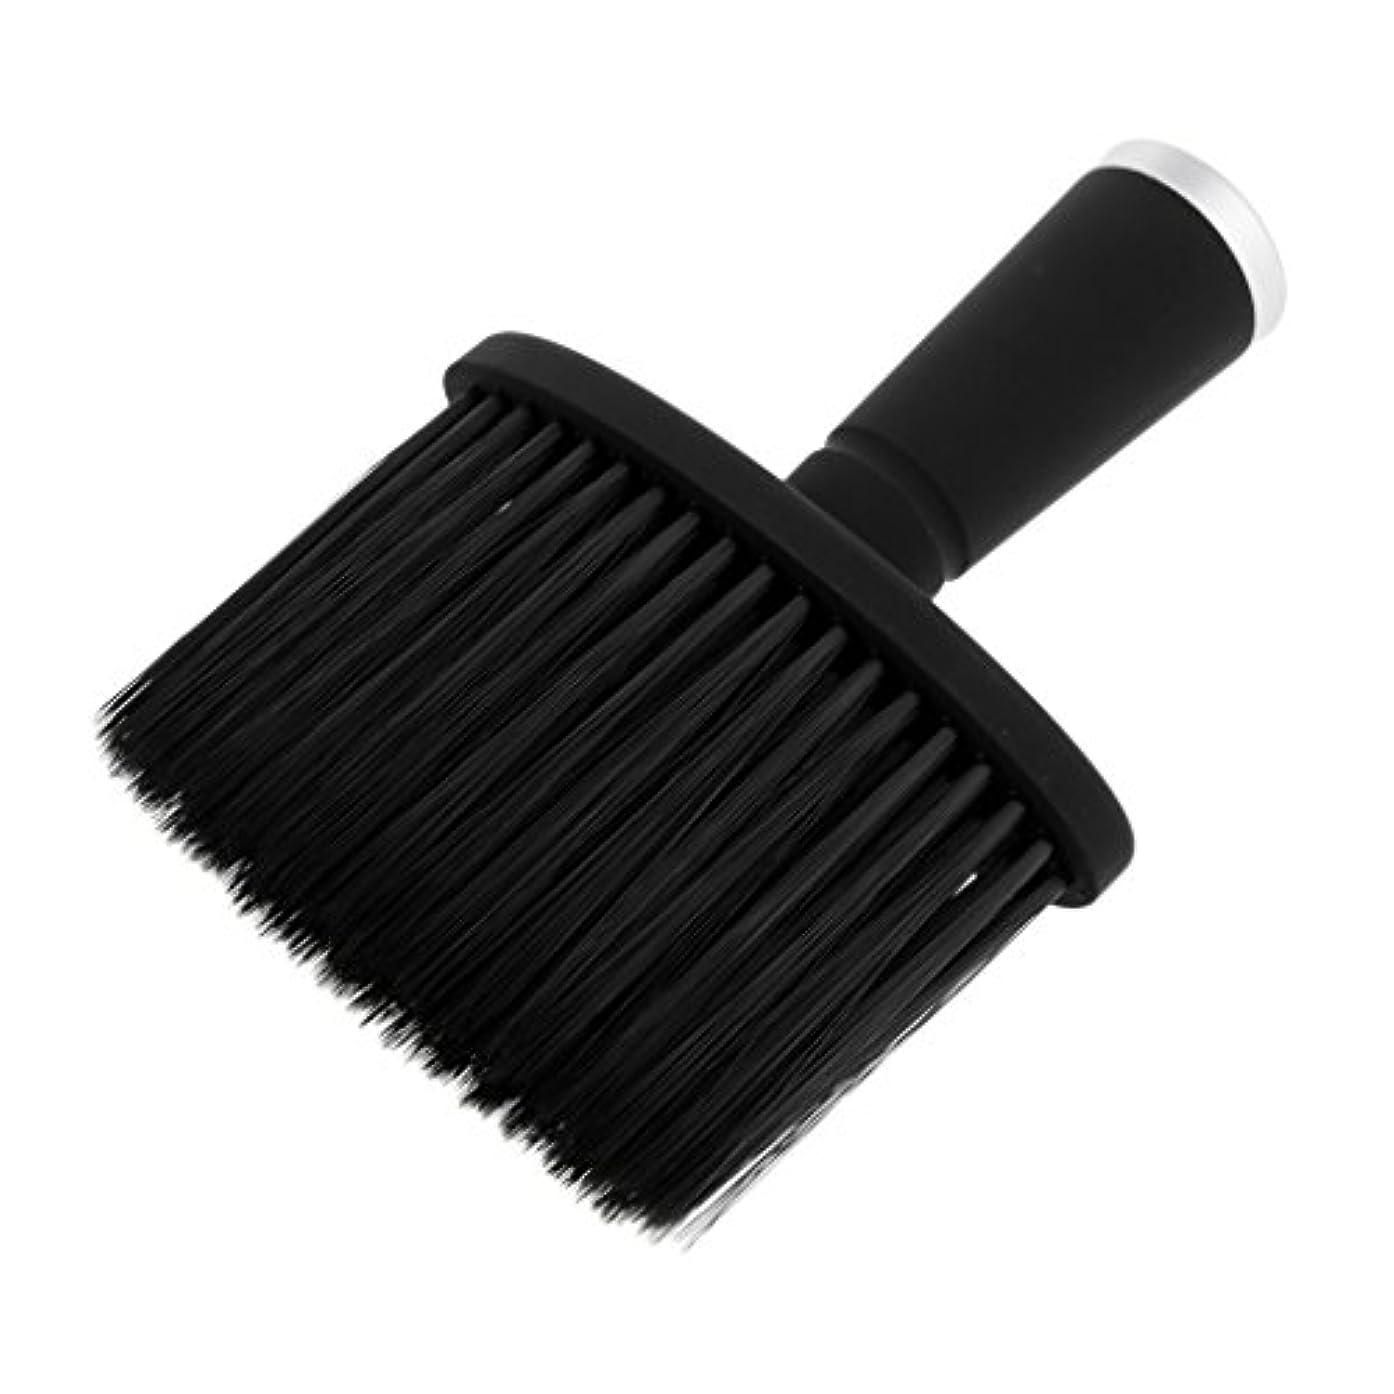 療法アレルギー性相対的大広間のスタイリストの理髪師の毛の切断の構造用具のための柔らかい首の塵払いのブラシ - 銀